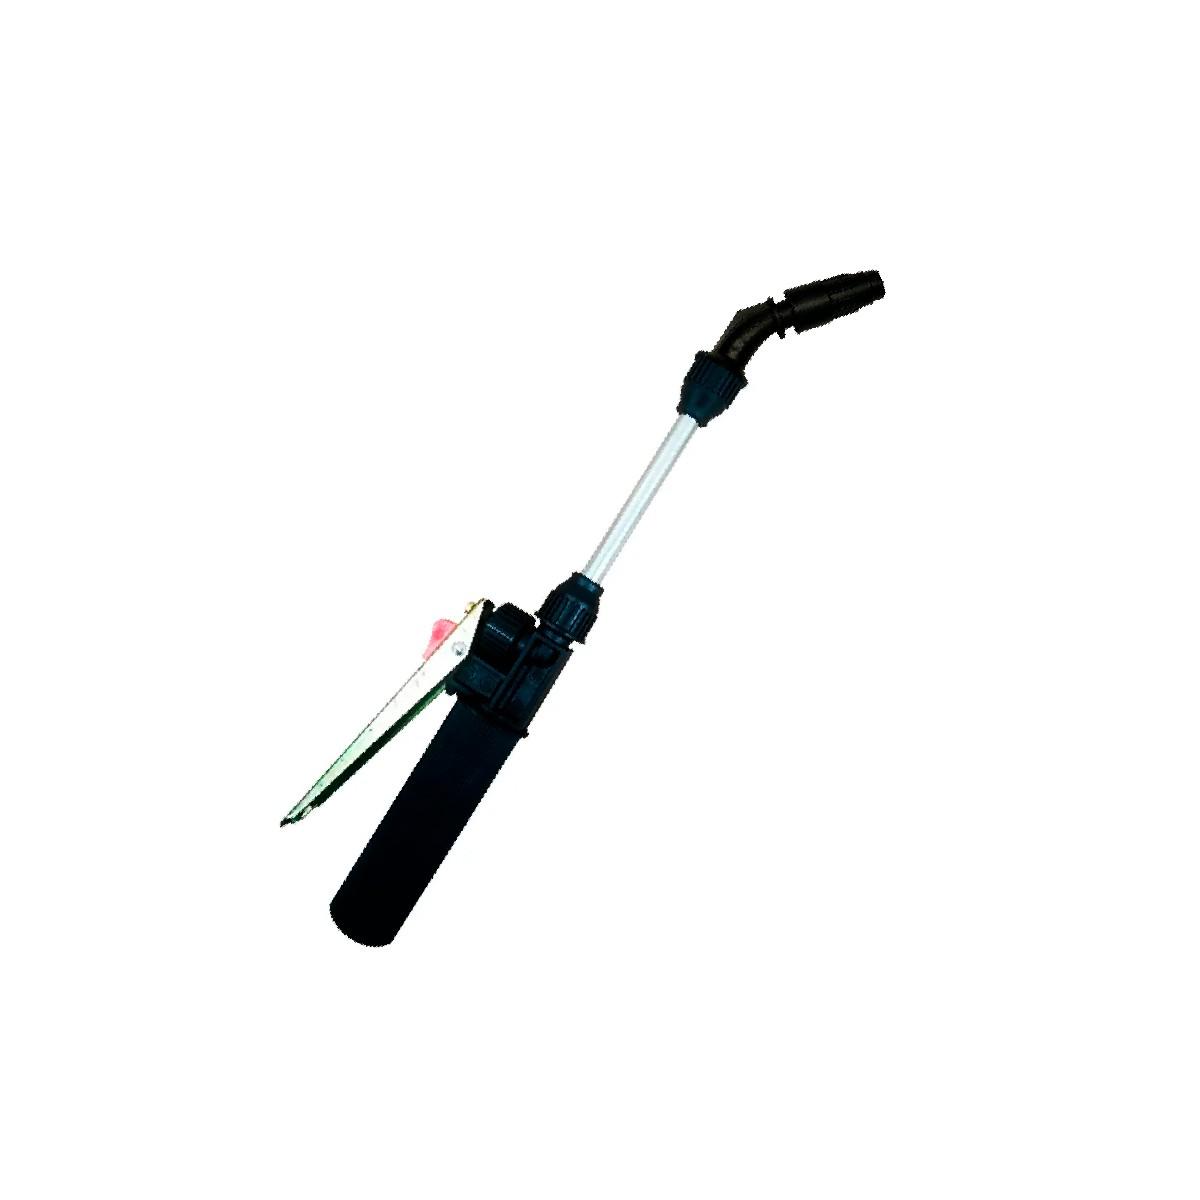 Gatilho Completo + Lança 15 cm + Bico Cônico Regulável LDC